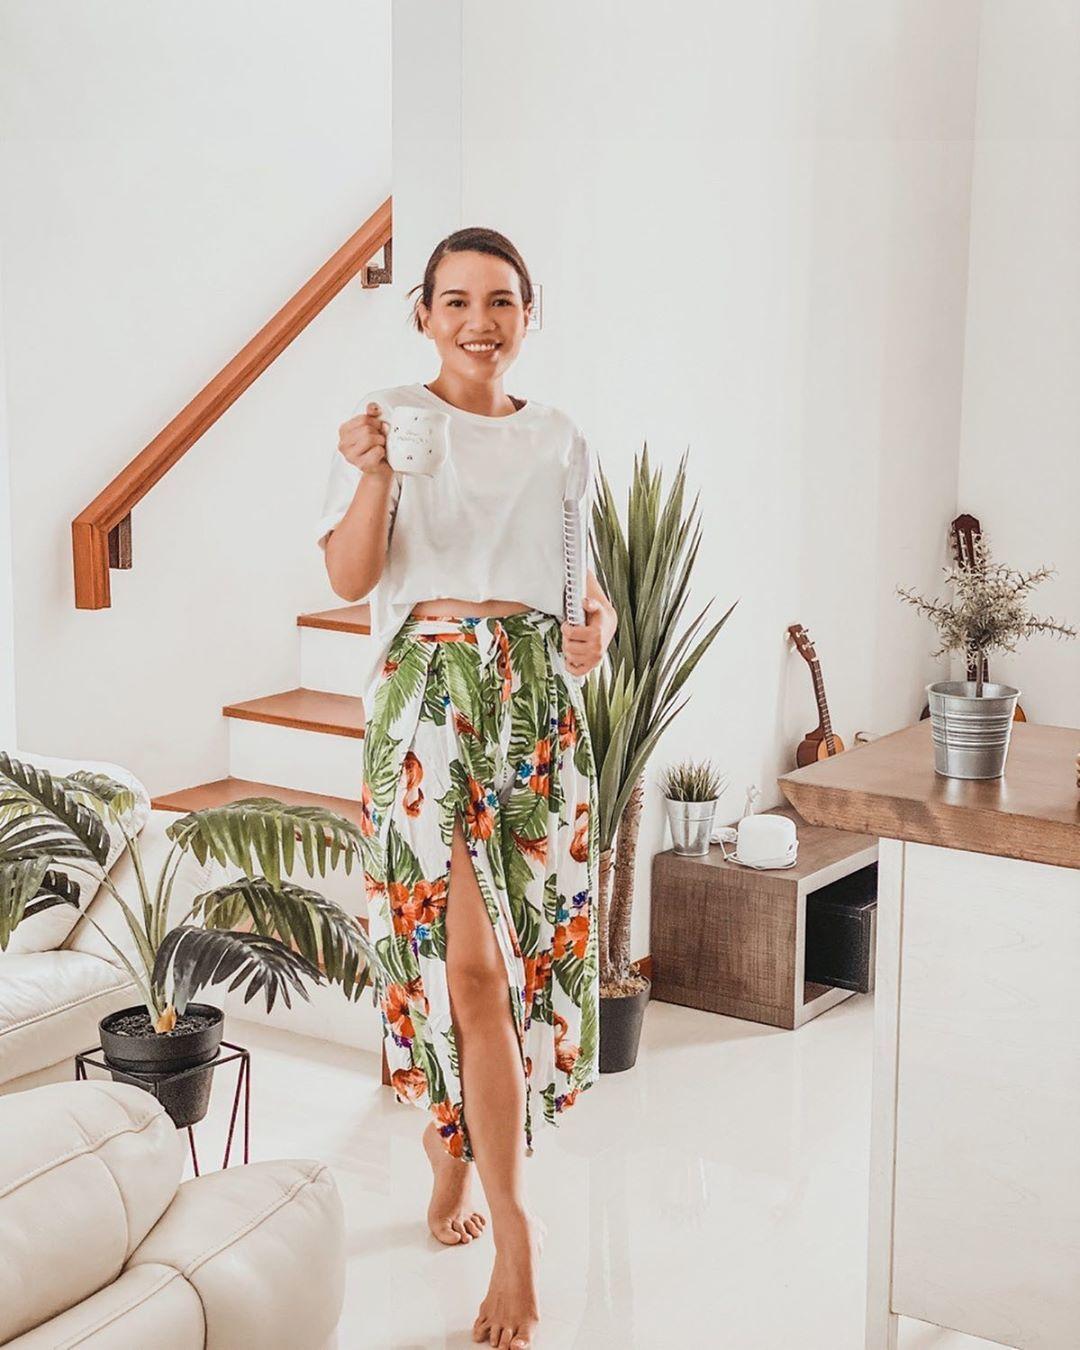 A hétköznapok nyári szoknyái is előkerülhetnek a szsekrényből, pláne, ha a lakás hőmérséklete már a tavaszi napsütéstől az egekig szökken.